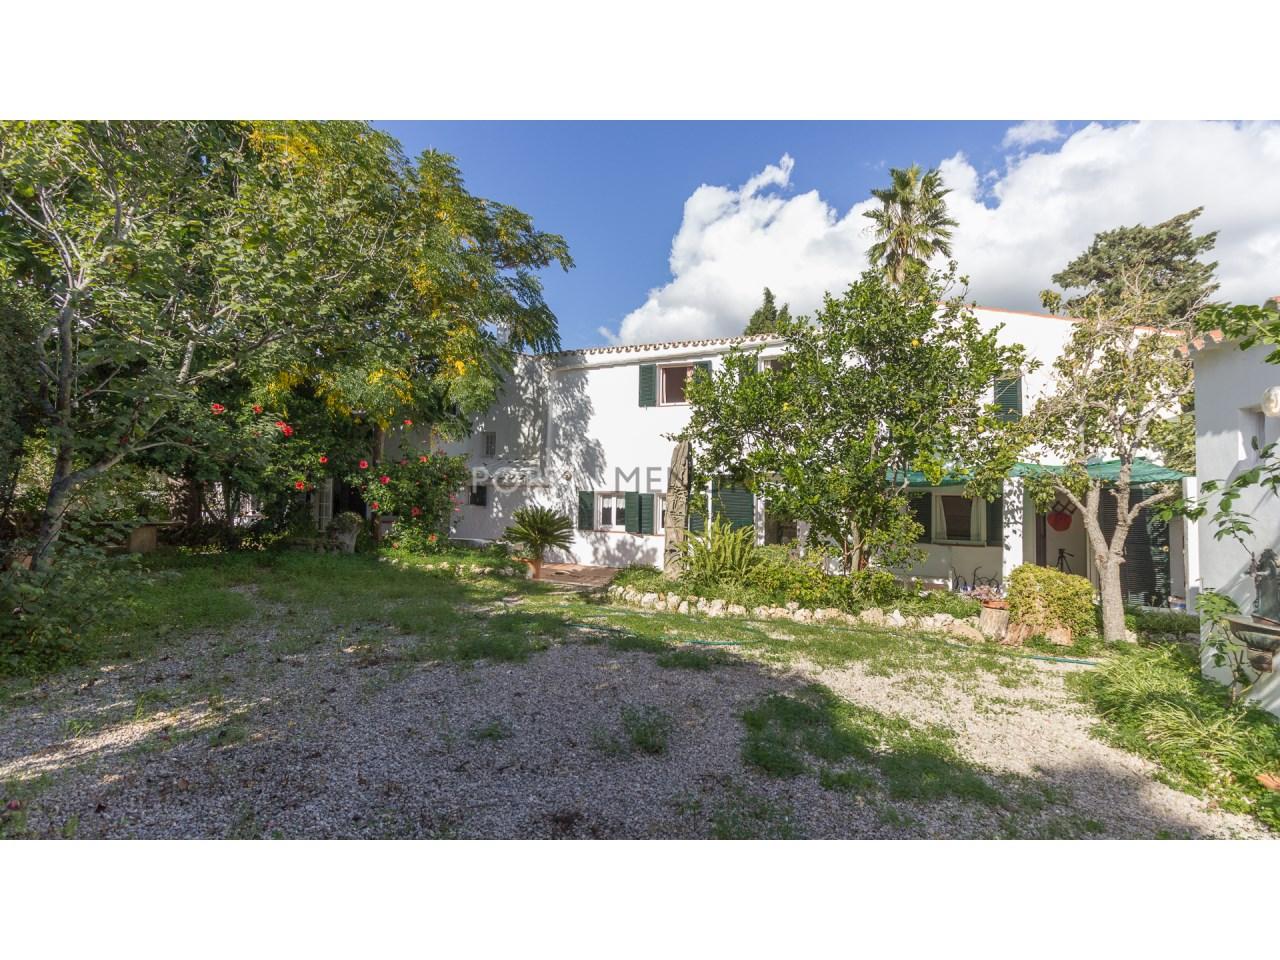 maison en campagne a vendre a minorque (20 de 21)